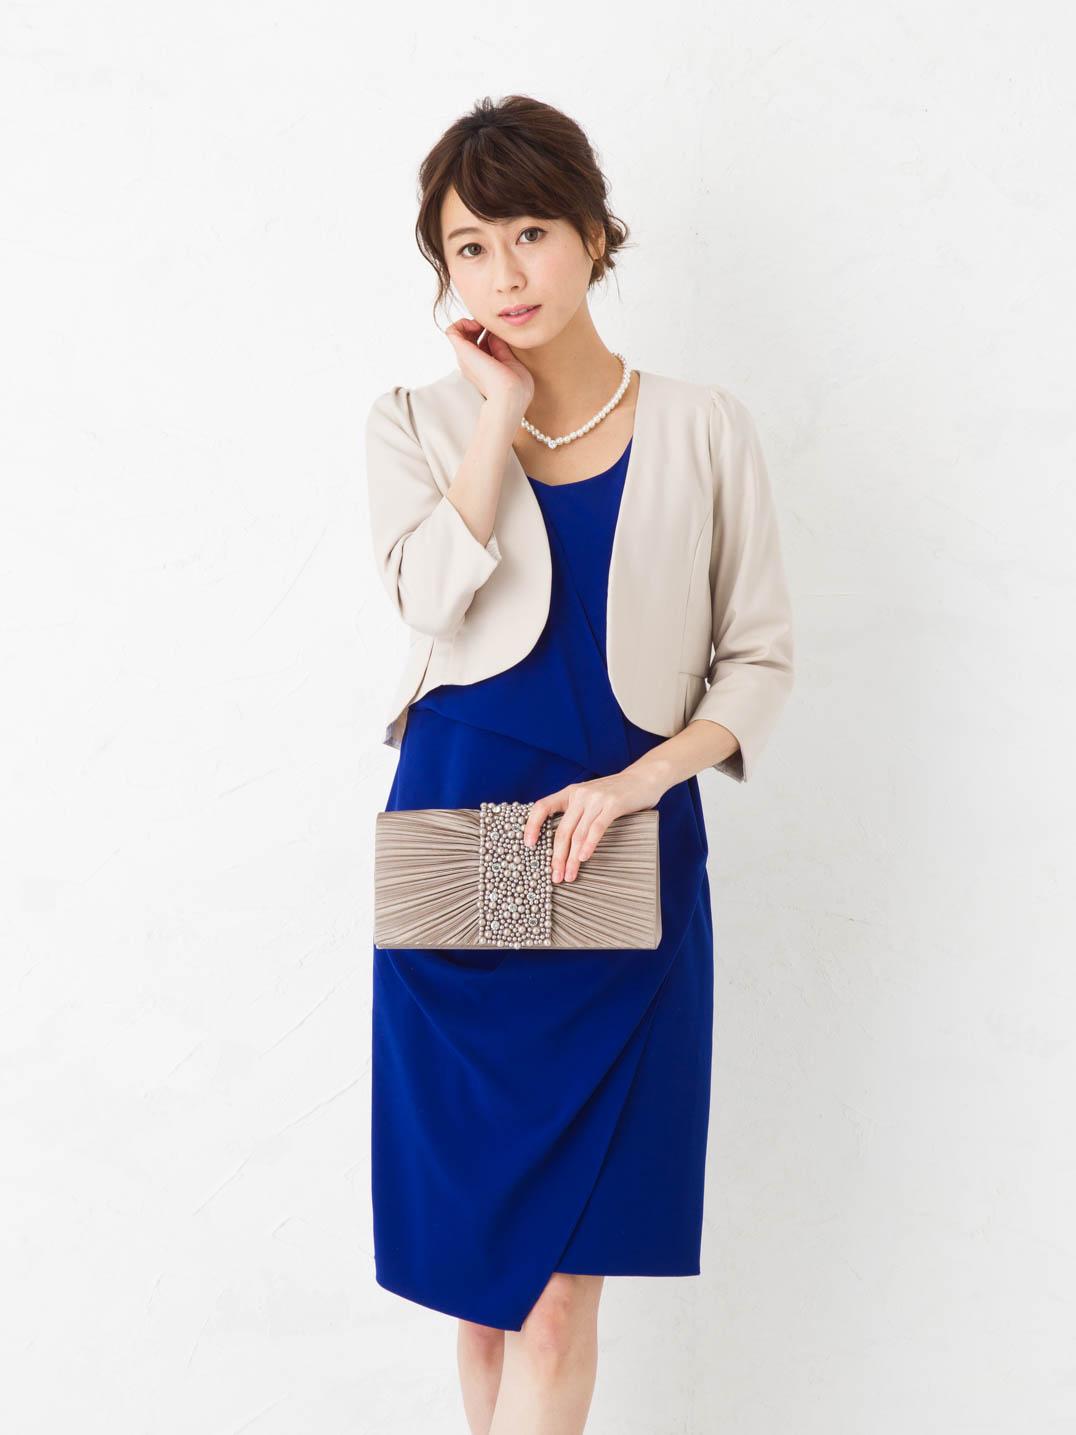 Azalea Rose ドレス4点セット / Mサイズ (DFC0019)